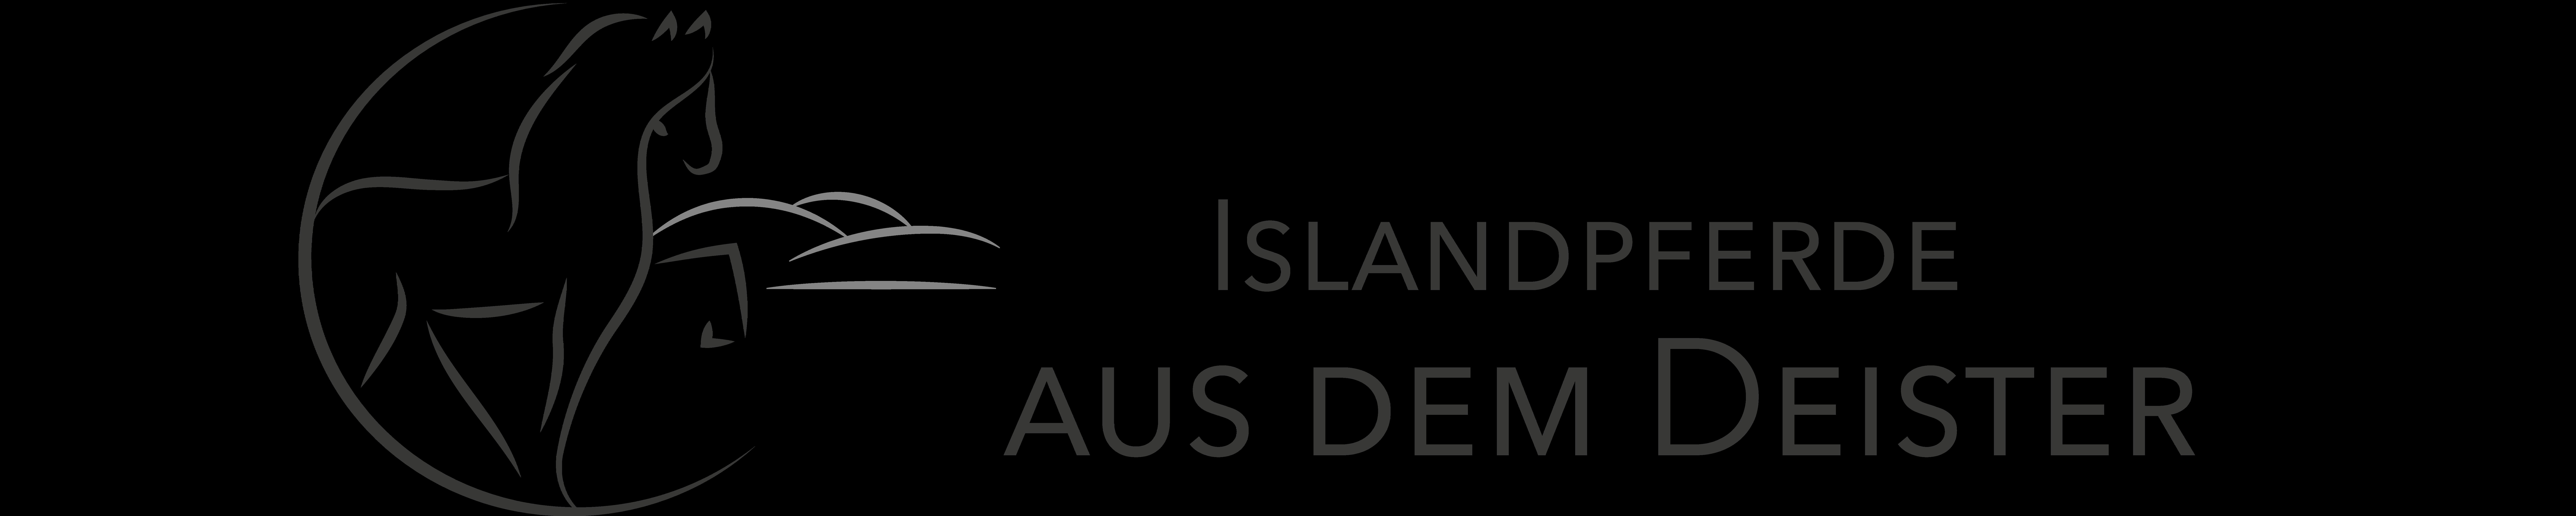 Islandpferde aus dem Deister